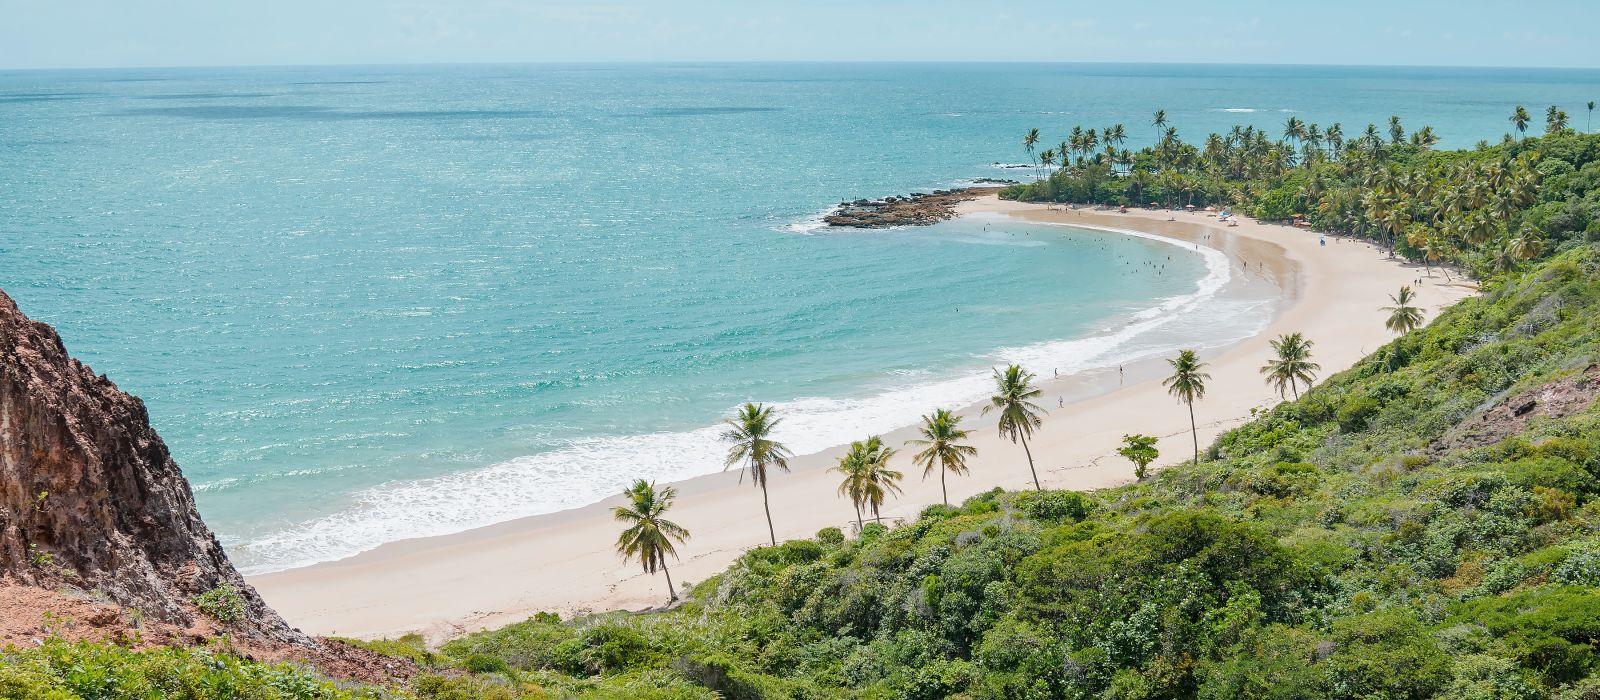 Top view of Praia de Coqueirinho at Costa do Conde, Brazil, South America